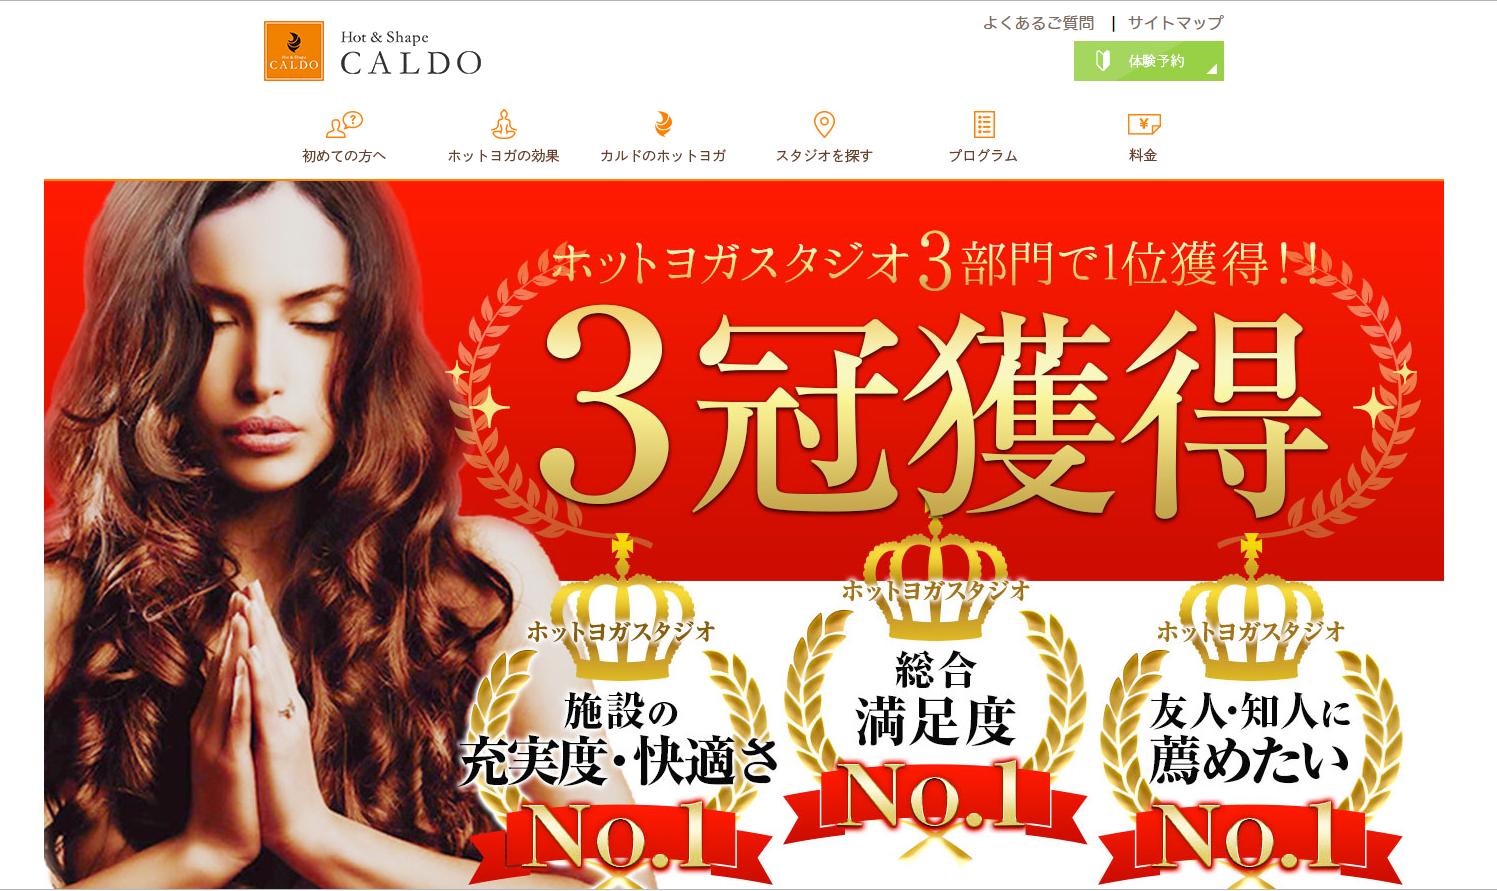 ホットヨガ カルド 公式ホームページ